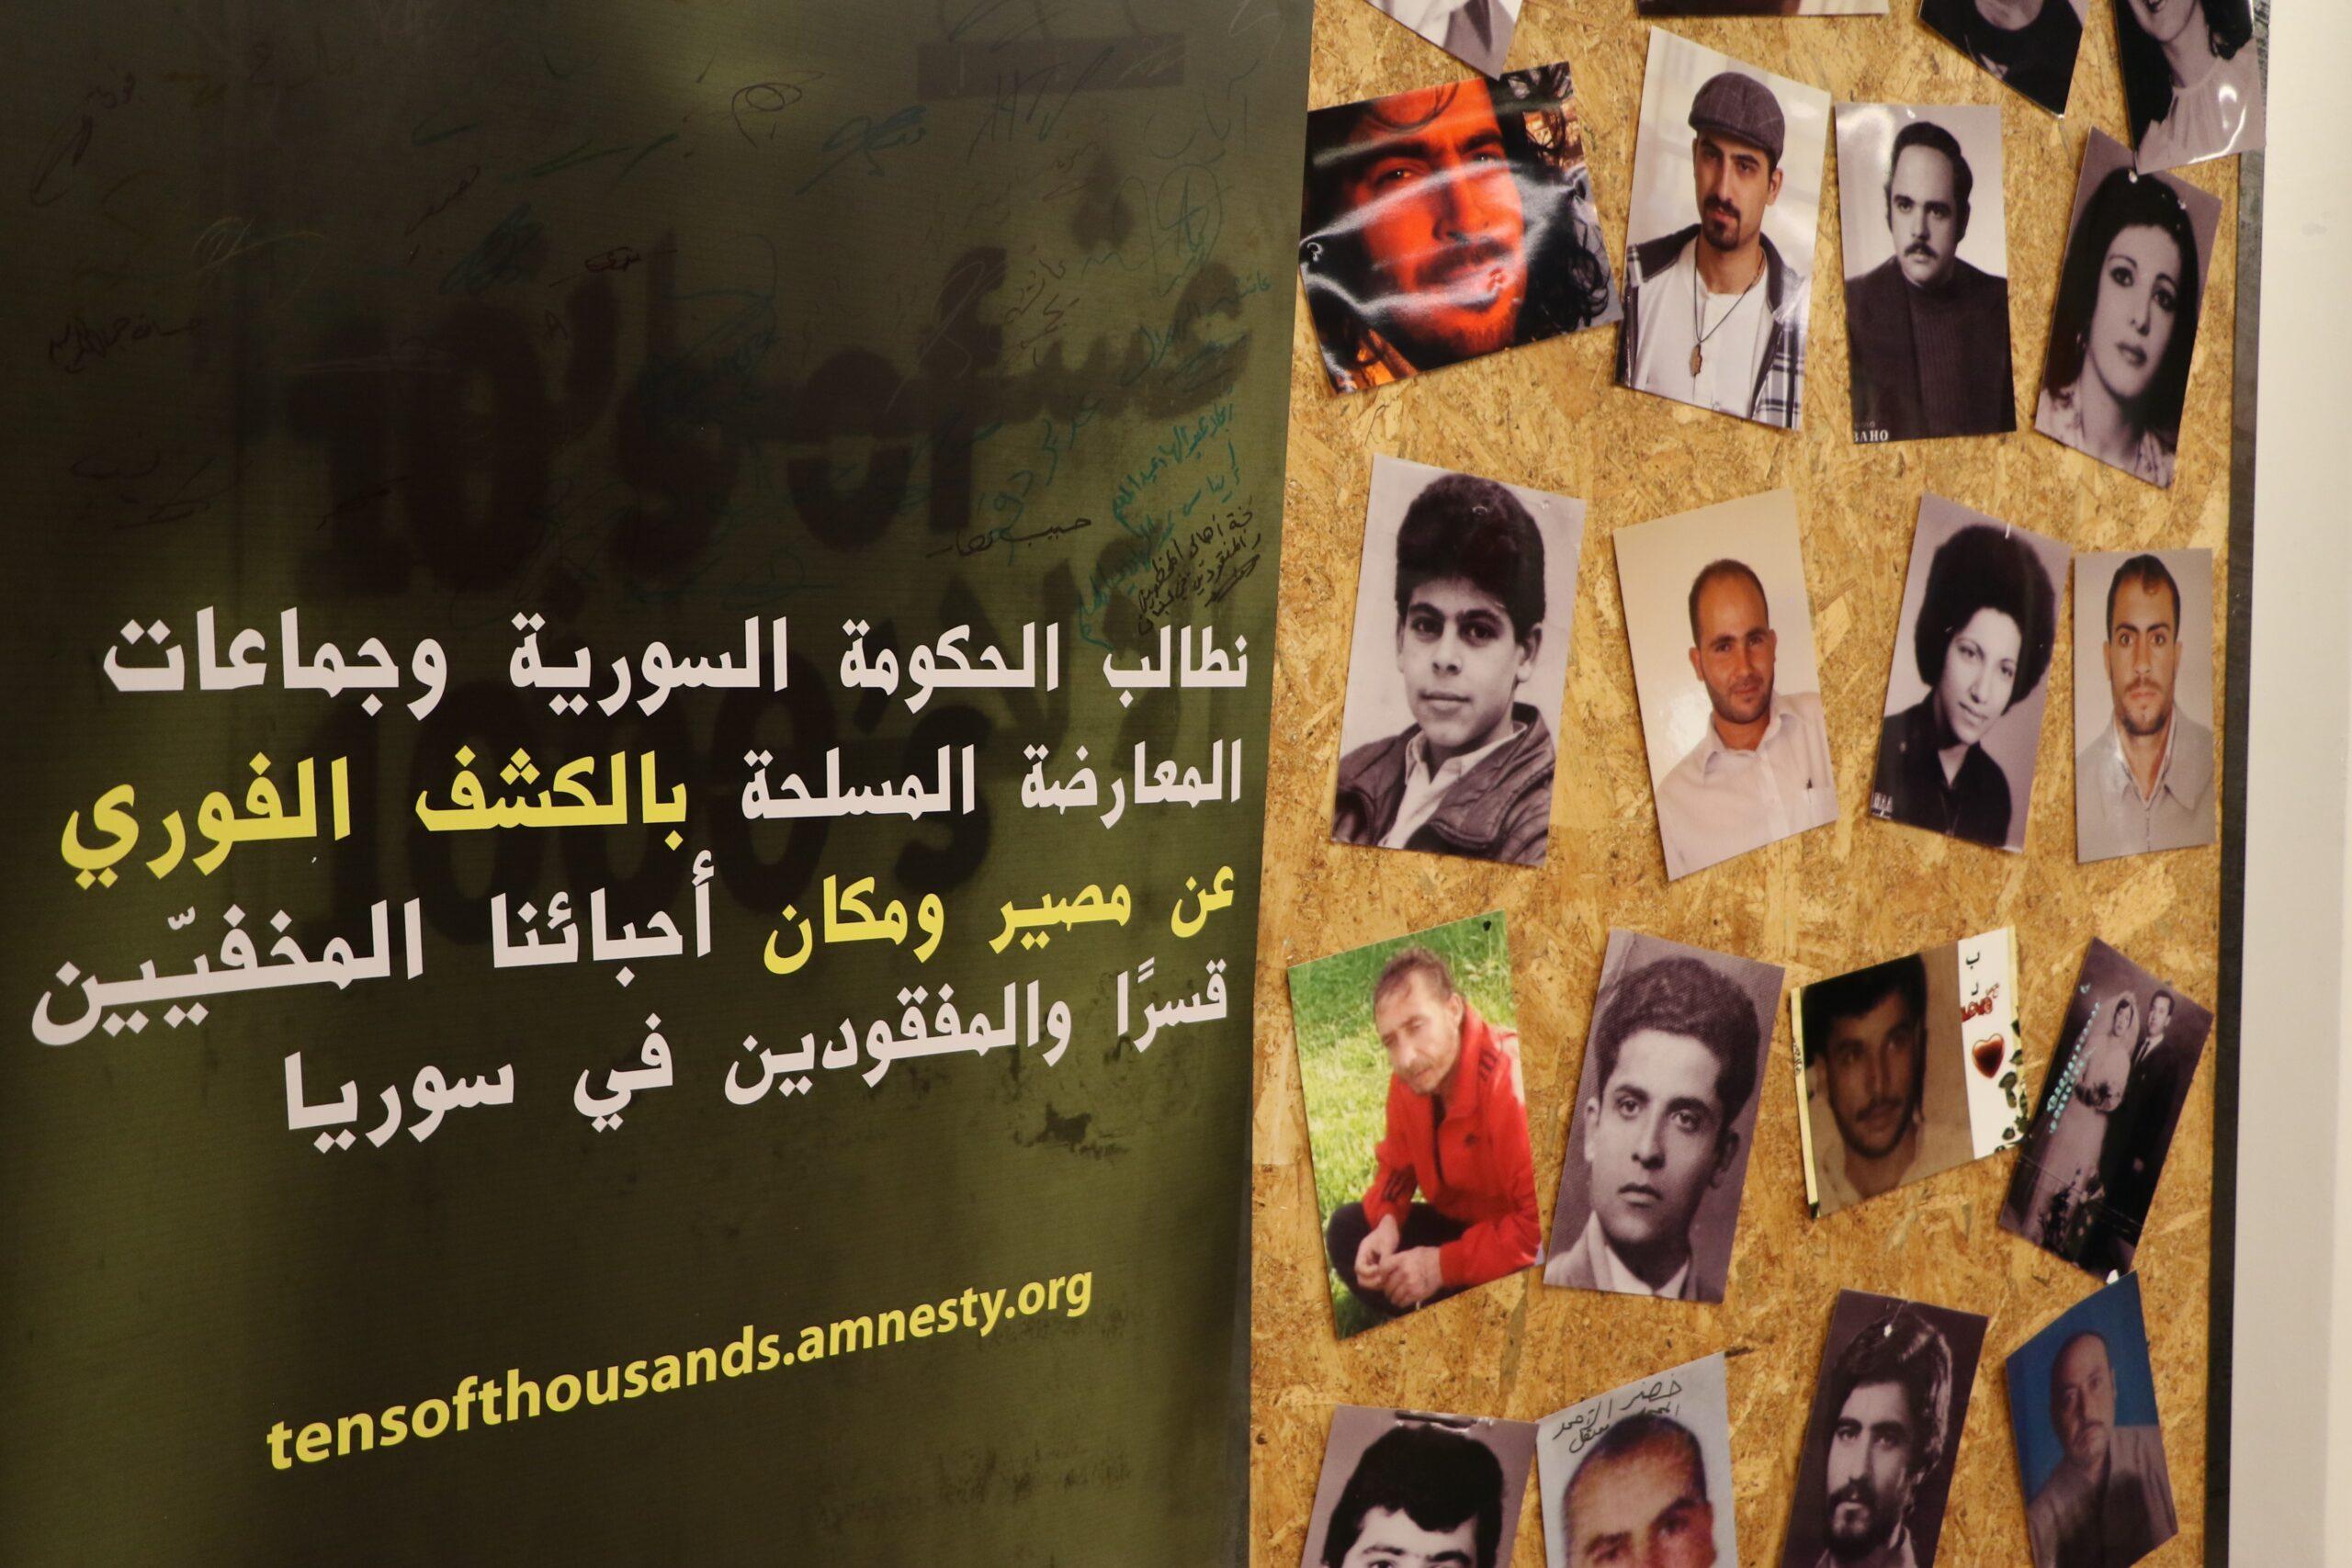 اللبنانيات يشاركن السوريات تجربة 37 عاماً من النضال لكشف مصير مفقودي الحرب